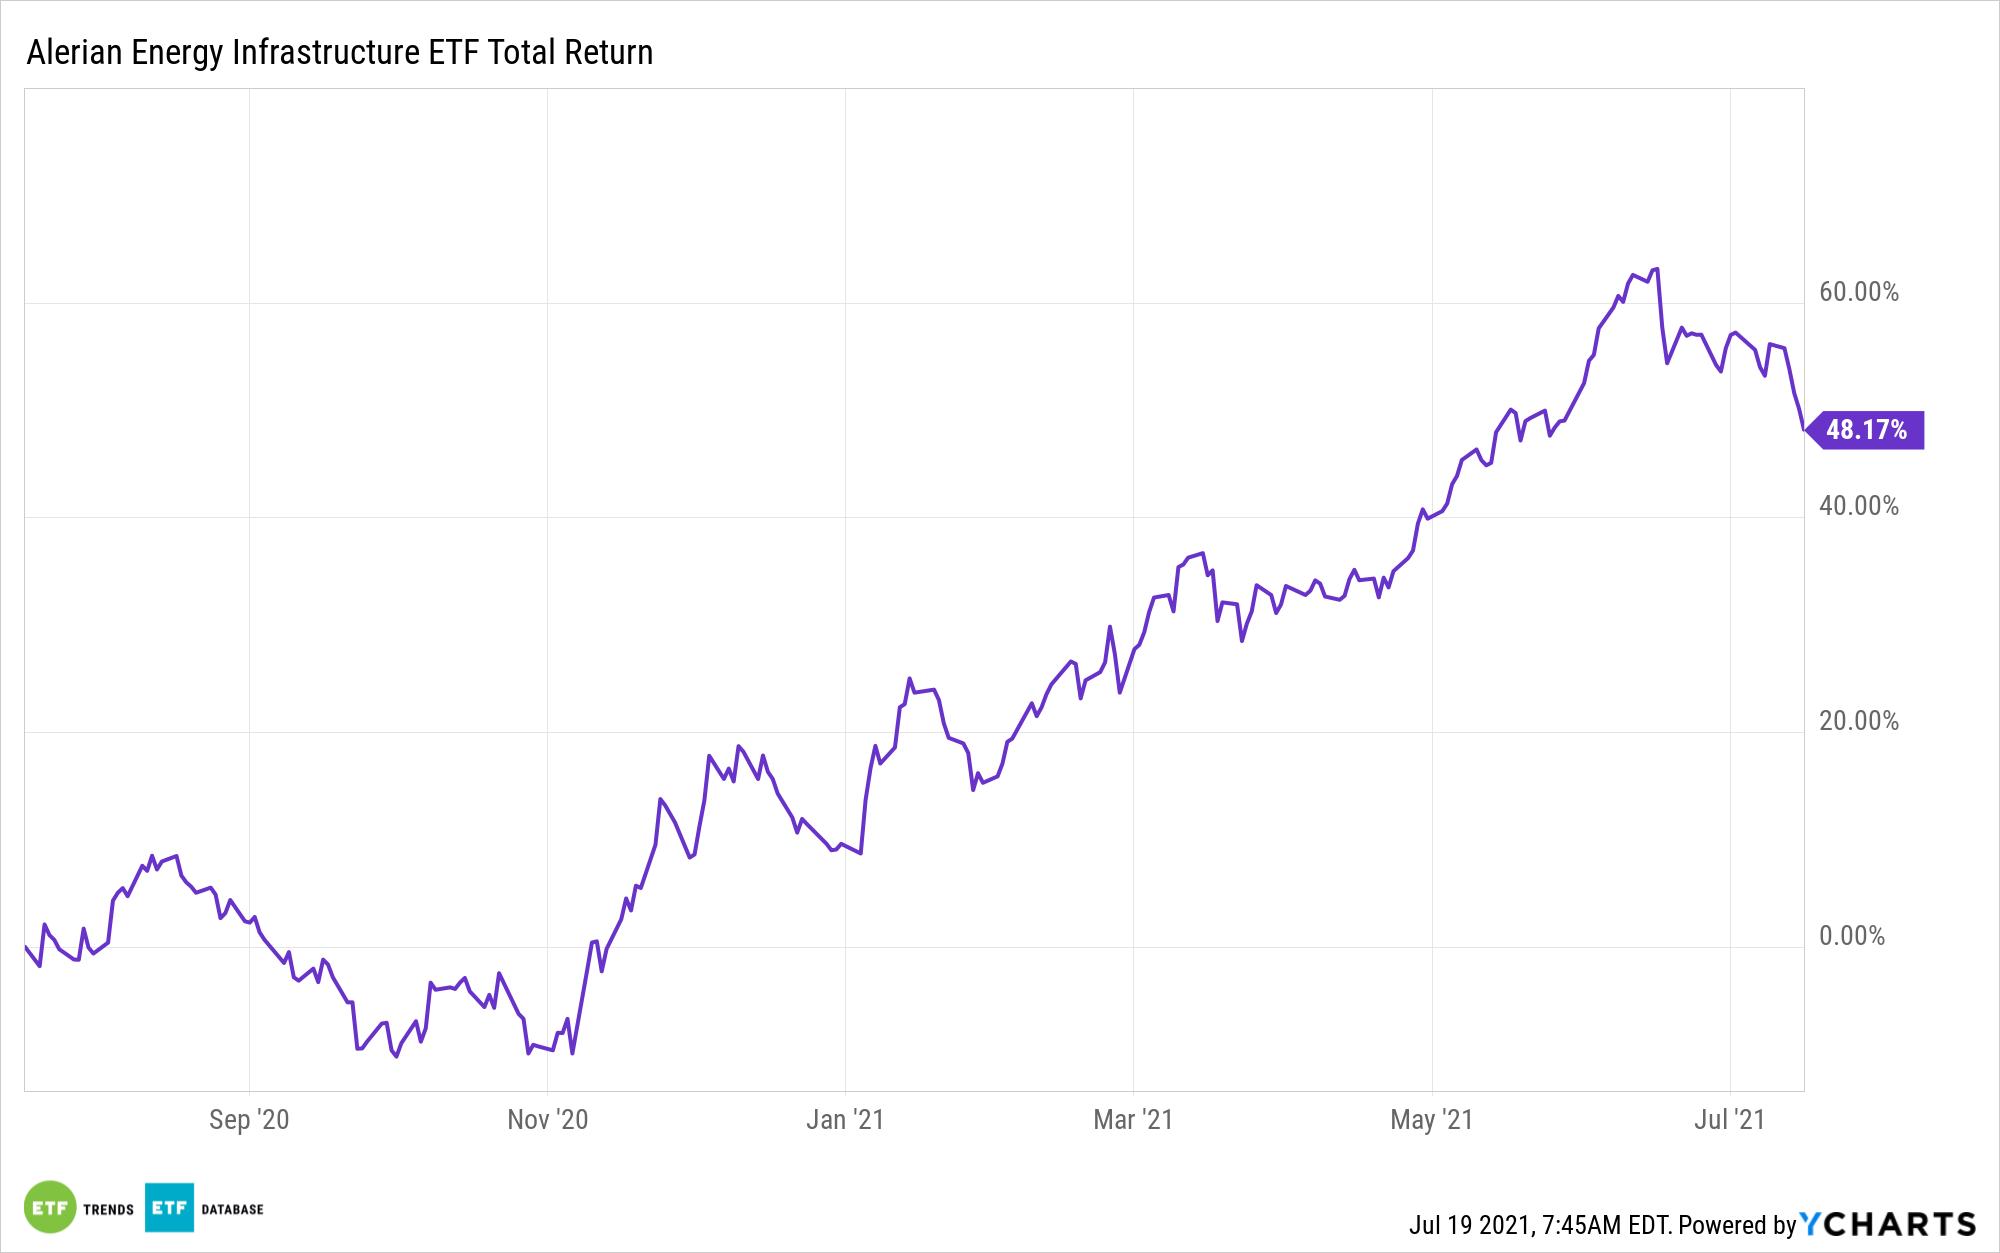 ENFR 1 Year Performance